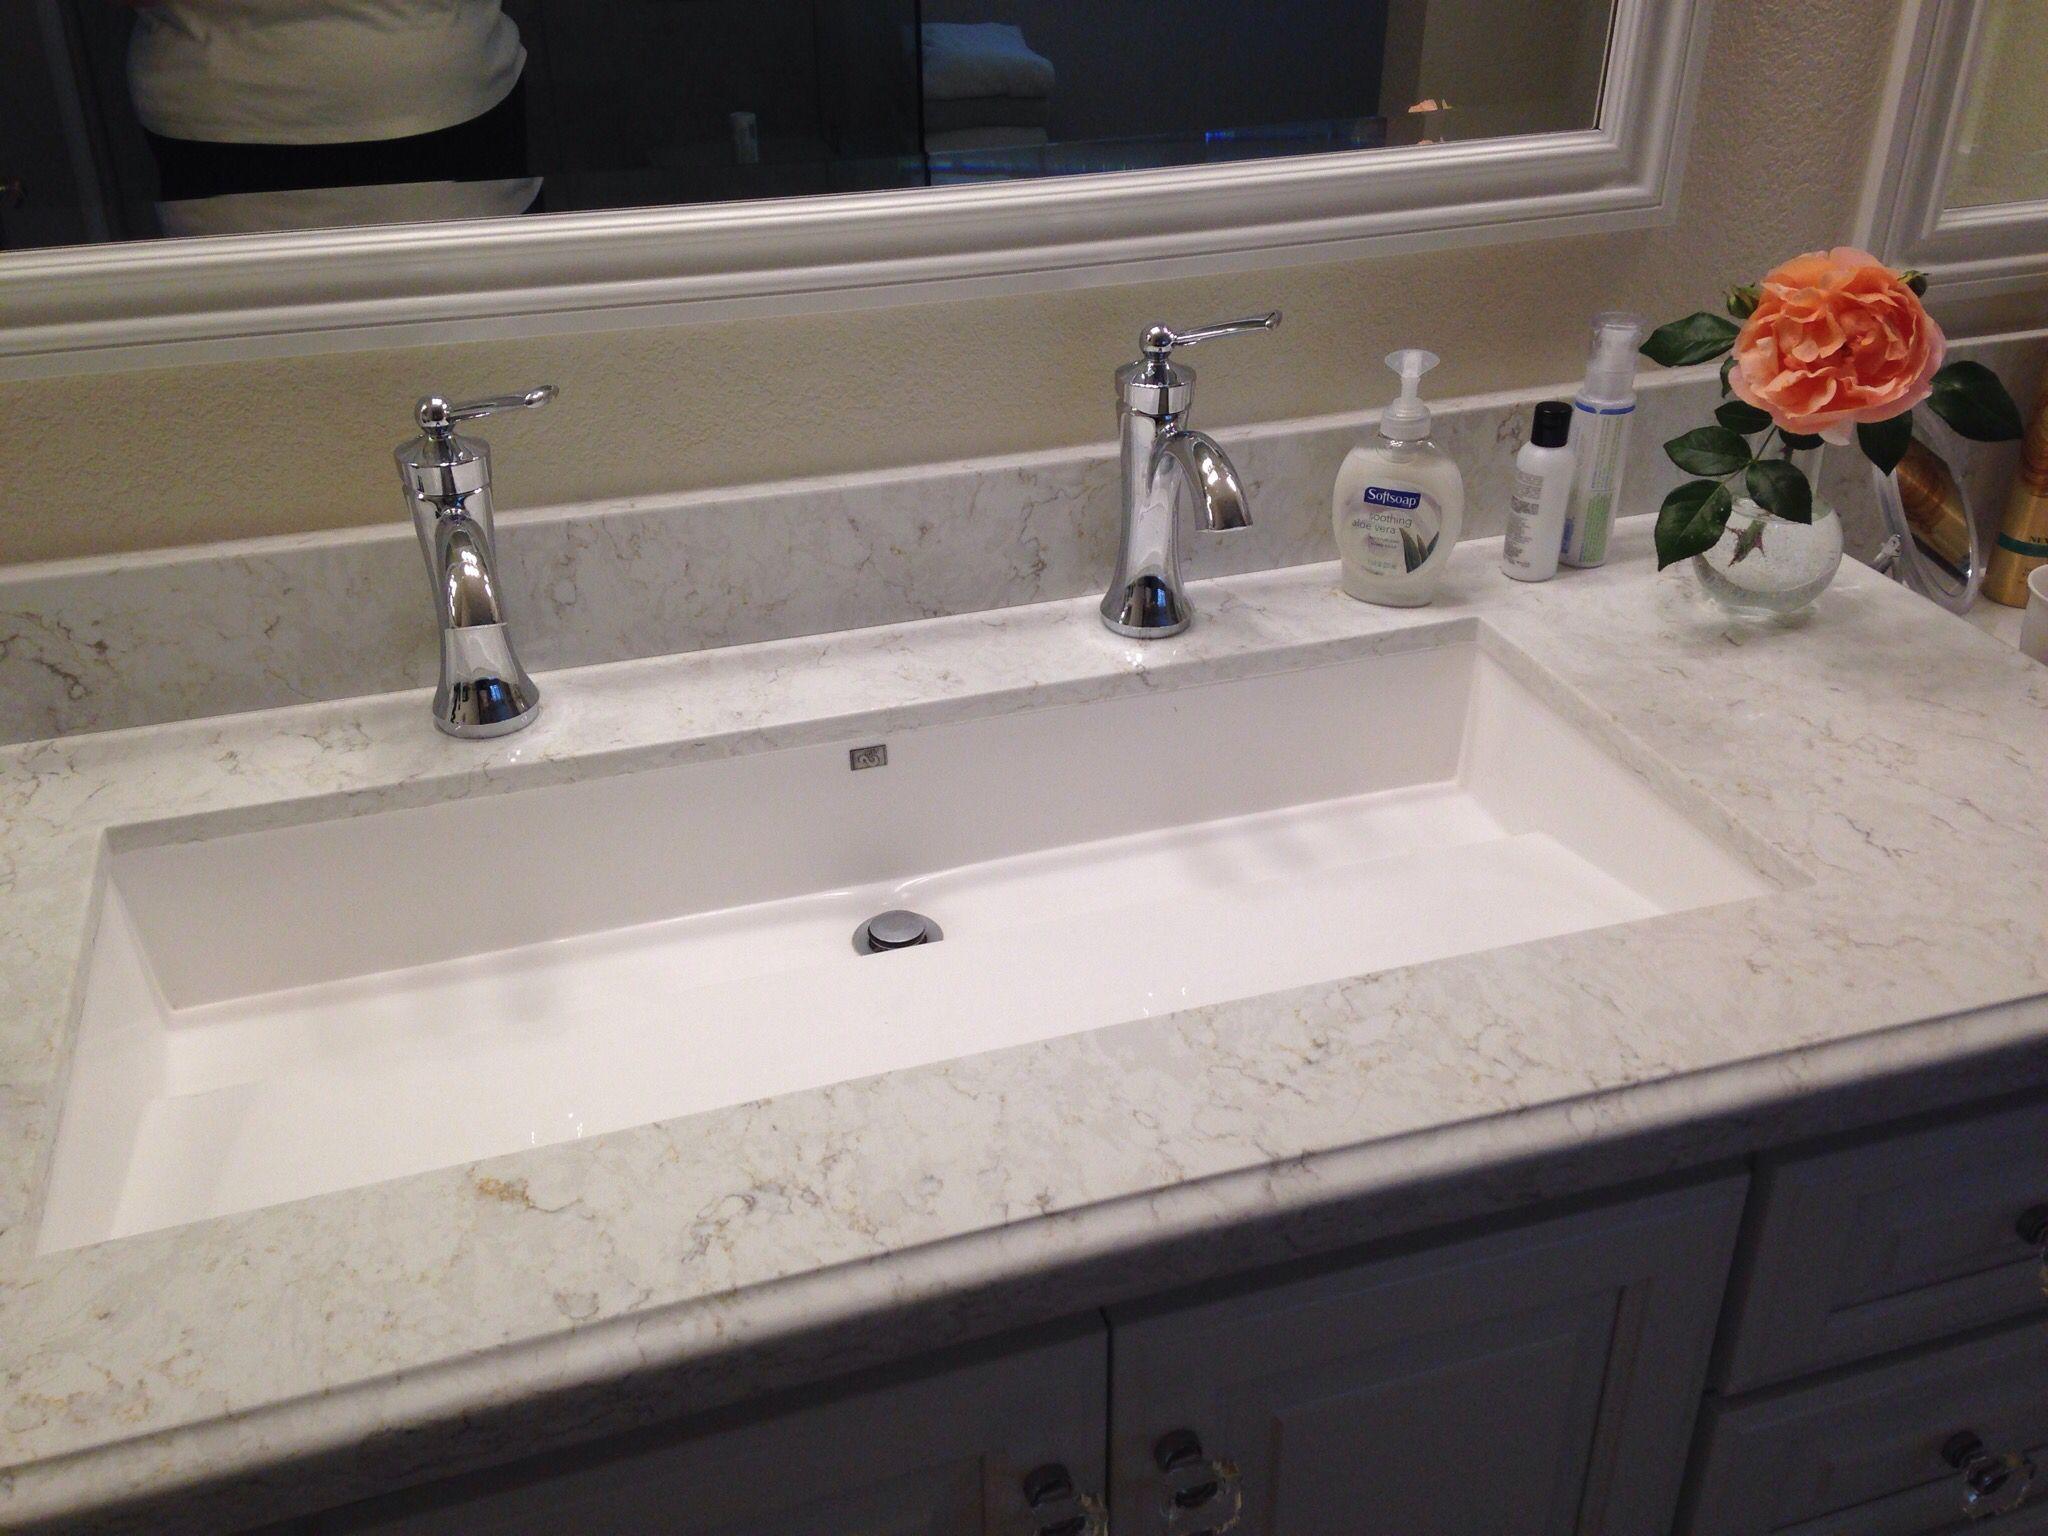 Master bathroom   'Wymara 2' trough sink by mti, installed as